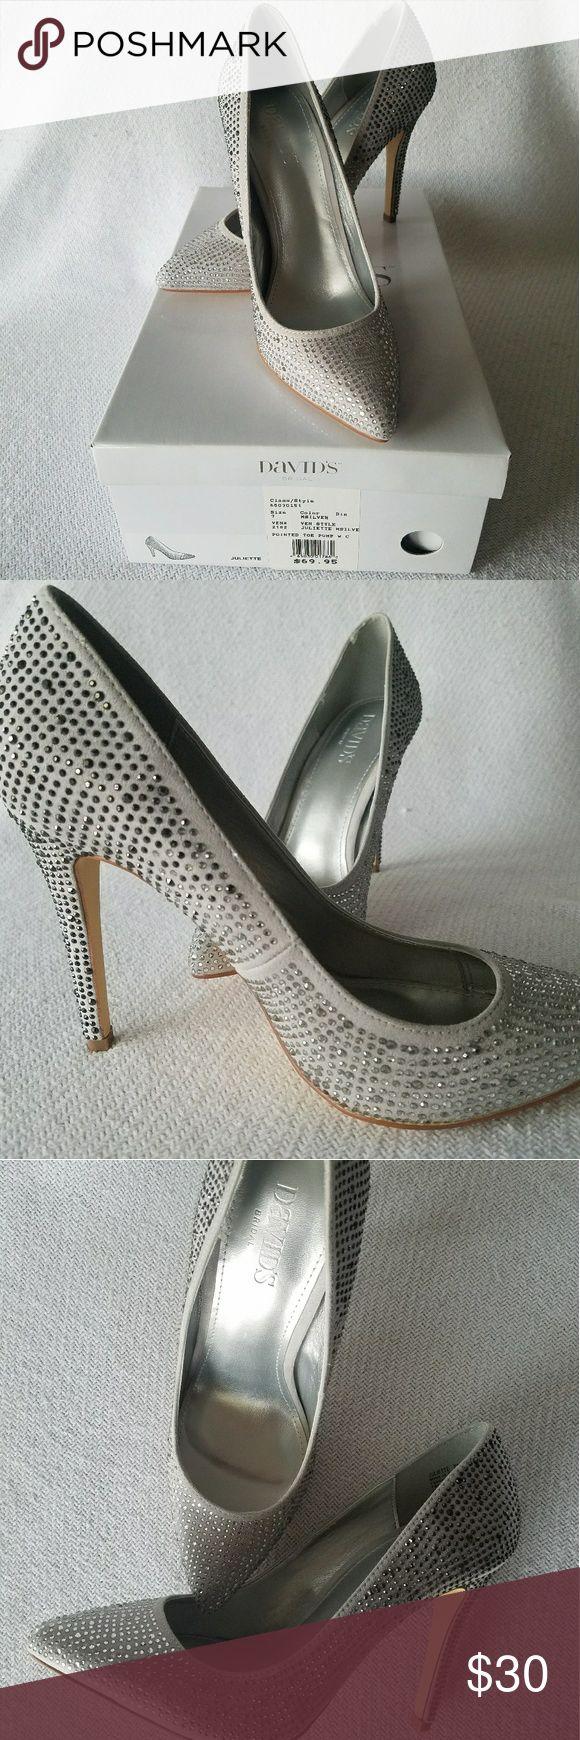 David's Bridal Sparkling Stilettos Never worn, ombre grey stilettos. David's Bridal Shoes Heels